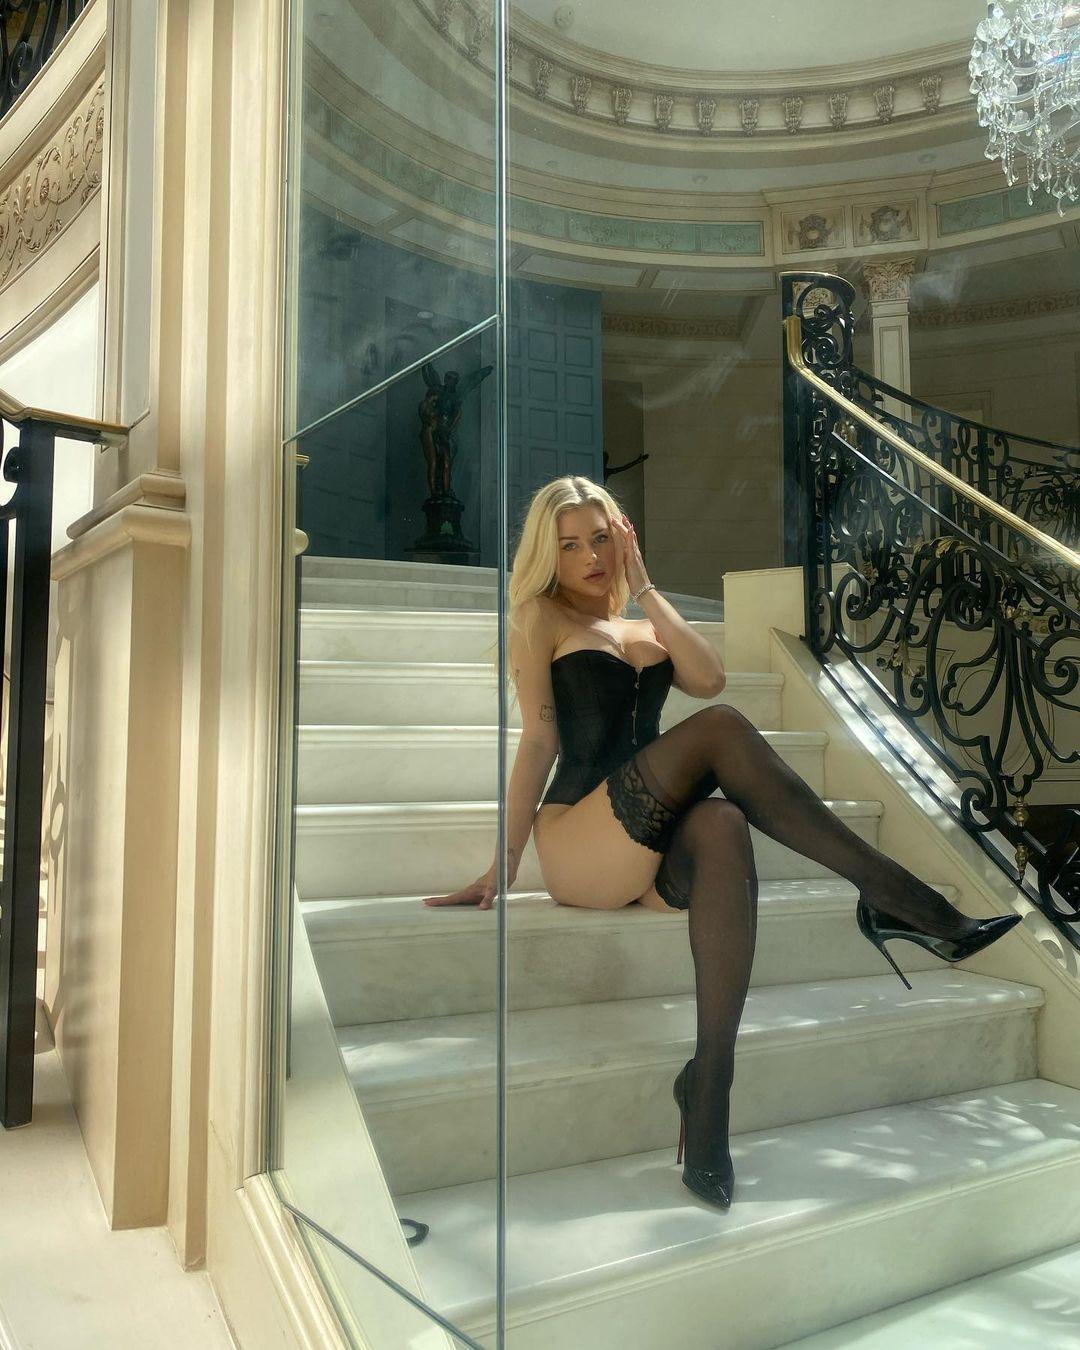 Lottie Moss In Black Lingerie